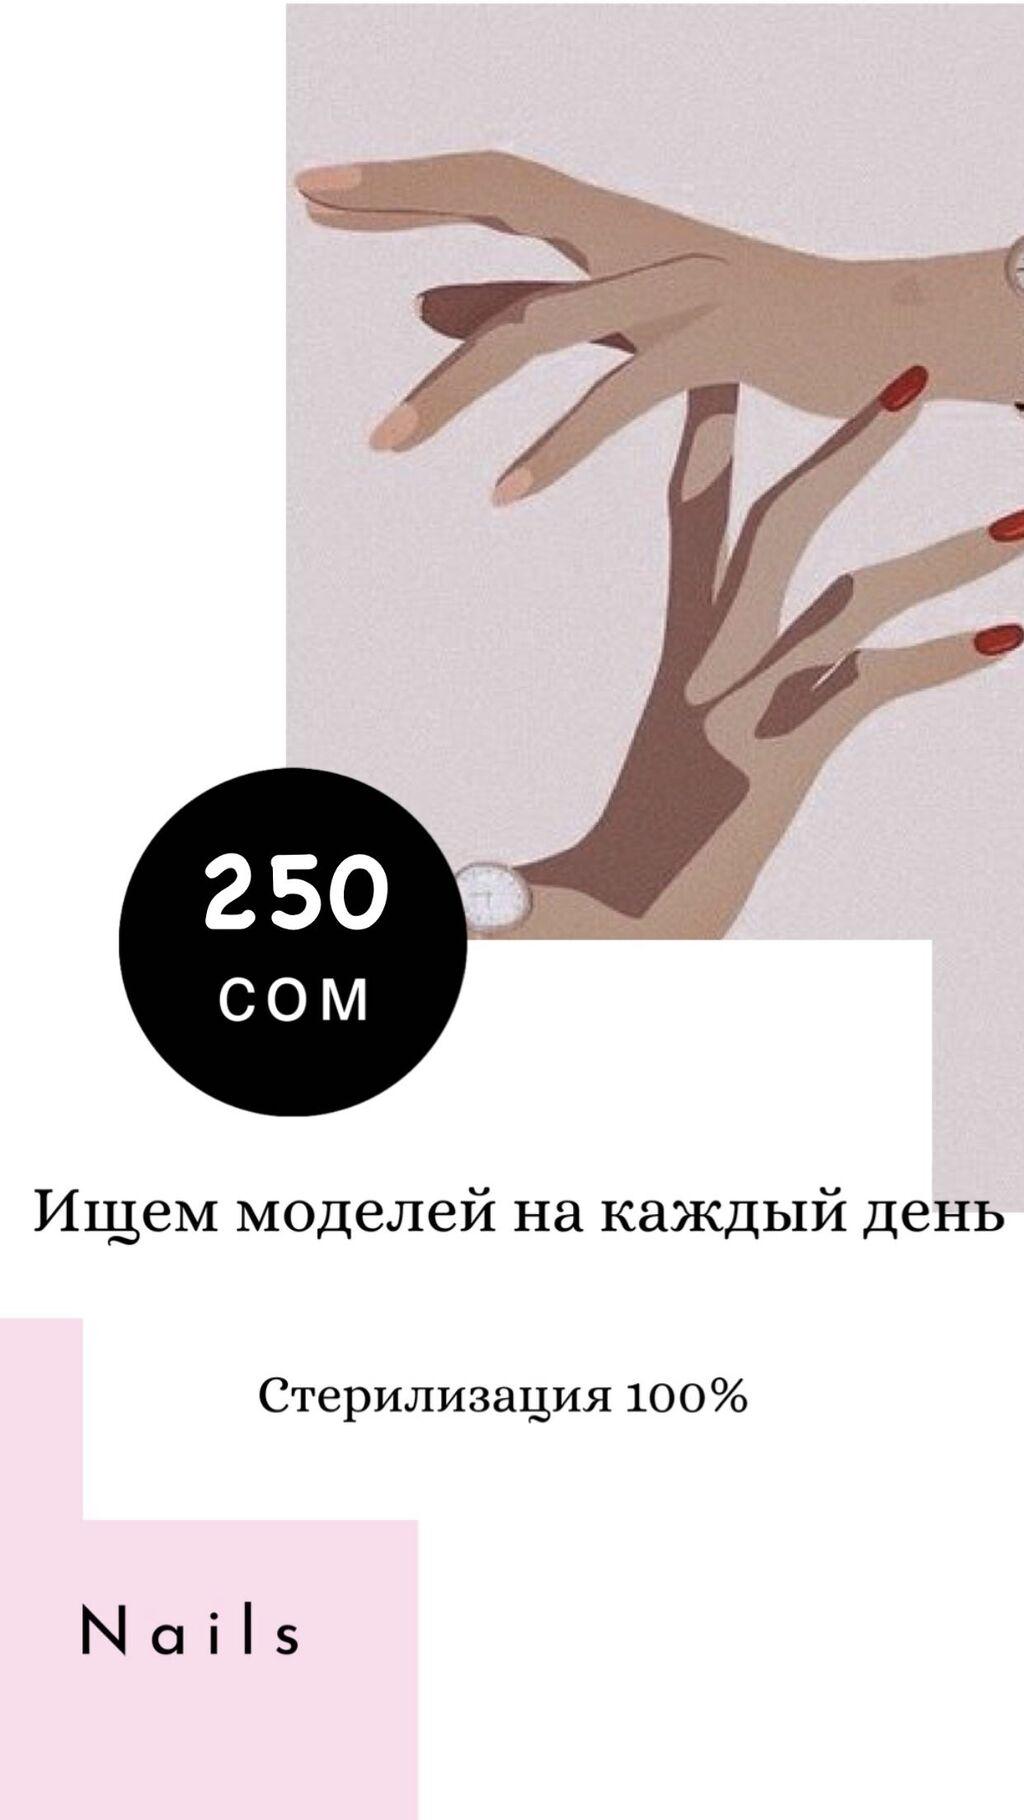 Маникюр | Покрытие гель лаком, Ремонт сломаных ногтей, Снятие: Маникюр | Покрытие гель лаком, Ремонт сломаных ногтей, Снятие